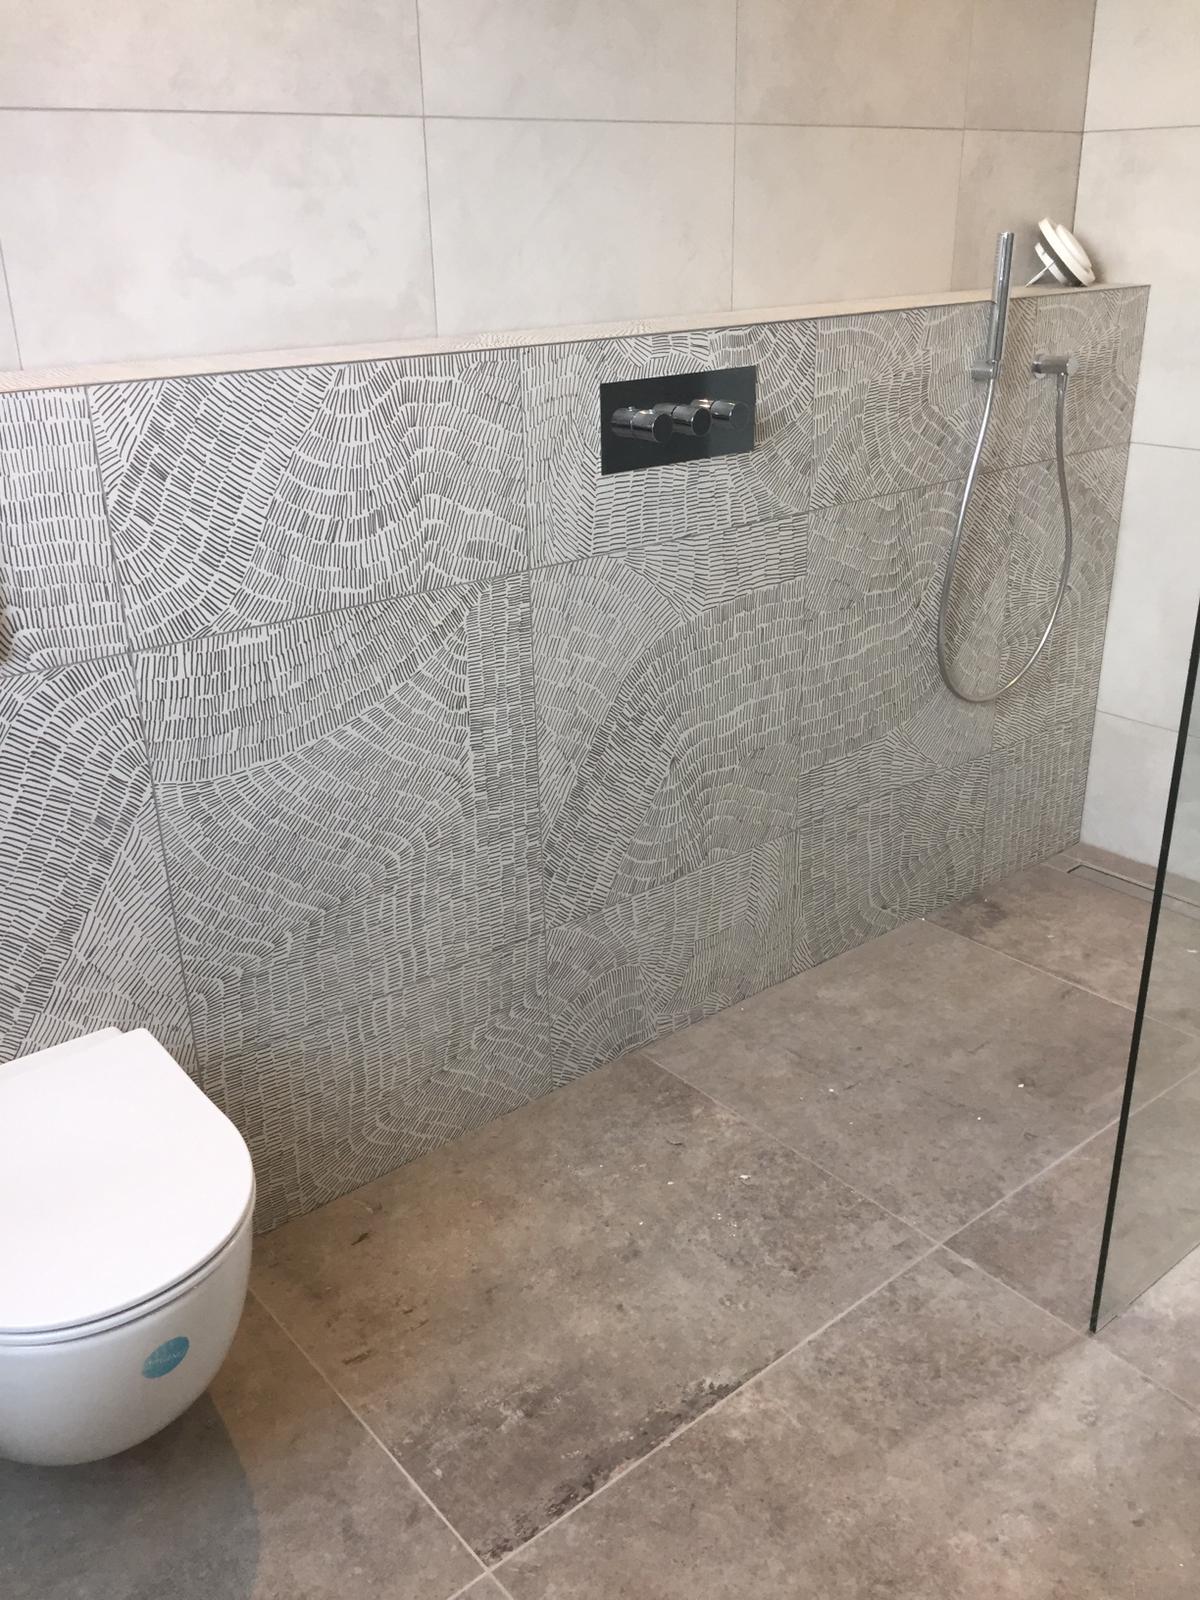 badkamer in aardetinten met o.a. een tegel van een Nederlandse student die een ontwerpwedstrijd heeft gewonnen.